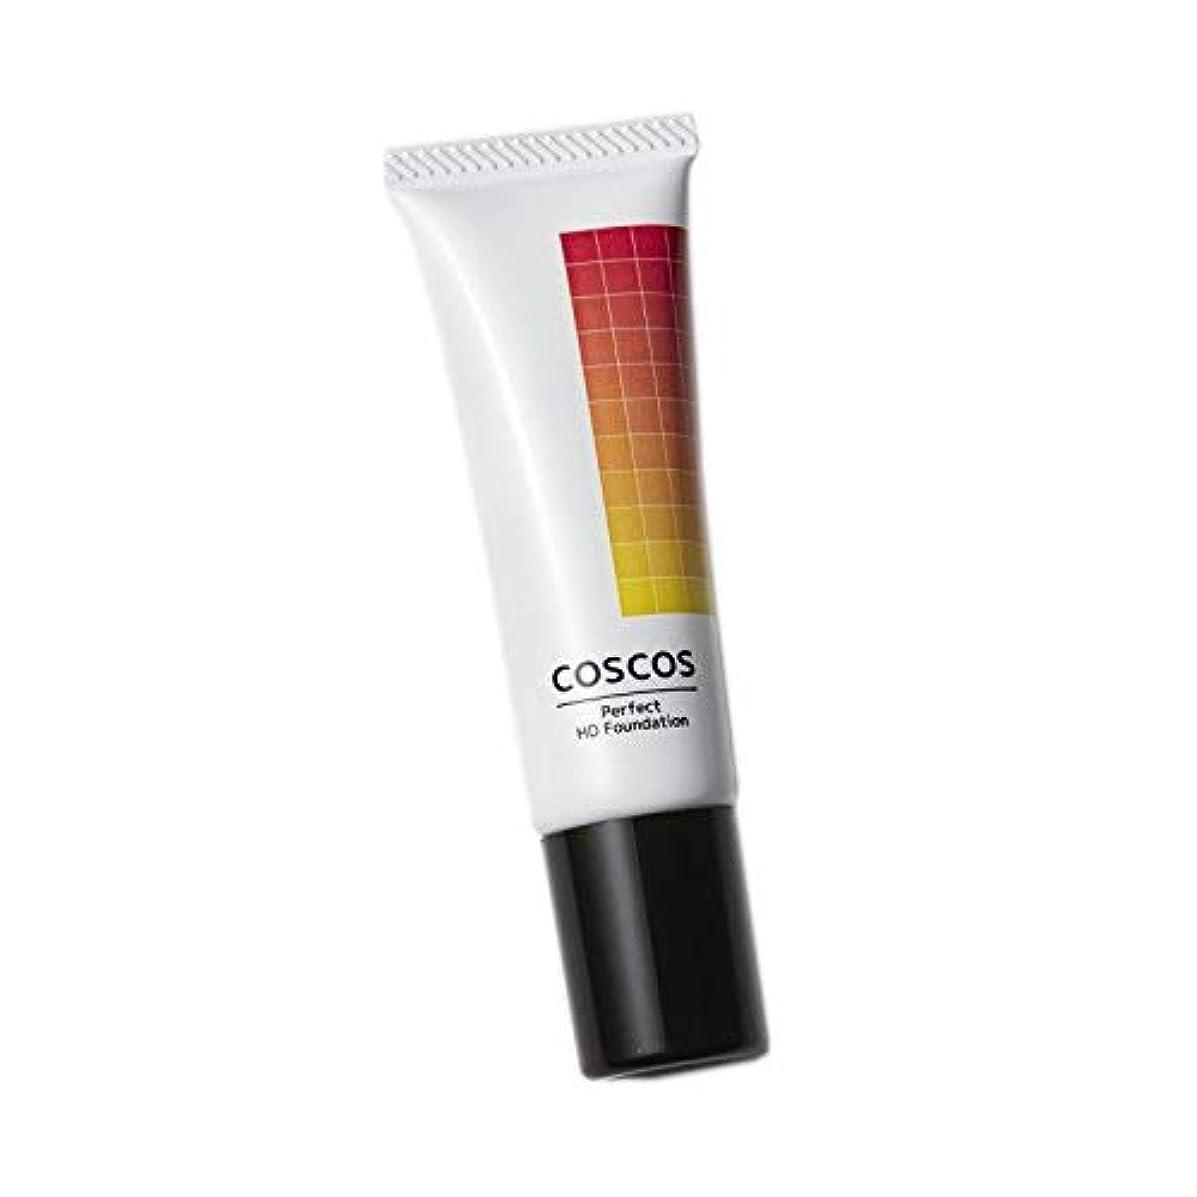 保守的くしゃくしゃ流用するCOSCOS(コスコス)ファンデーションホワイト(白色肌/WH01)